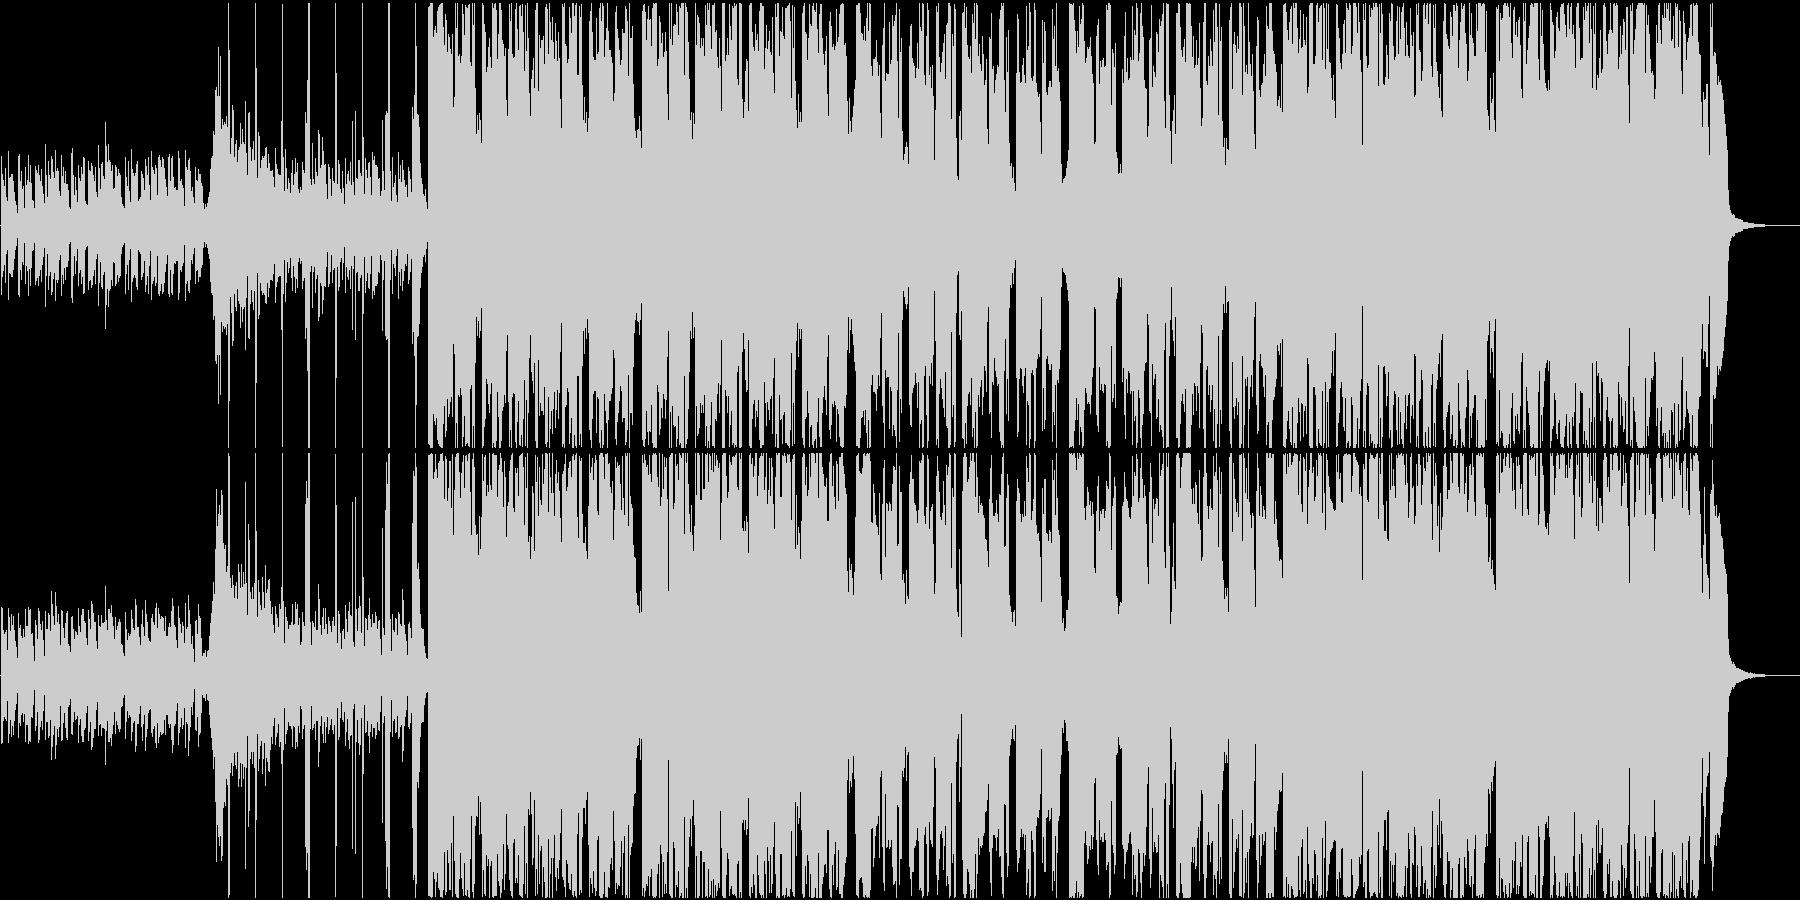 強力なヒップホップ、トラップの未再生の波形